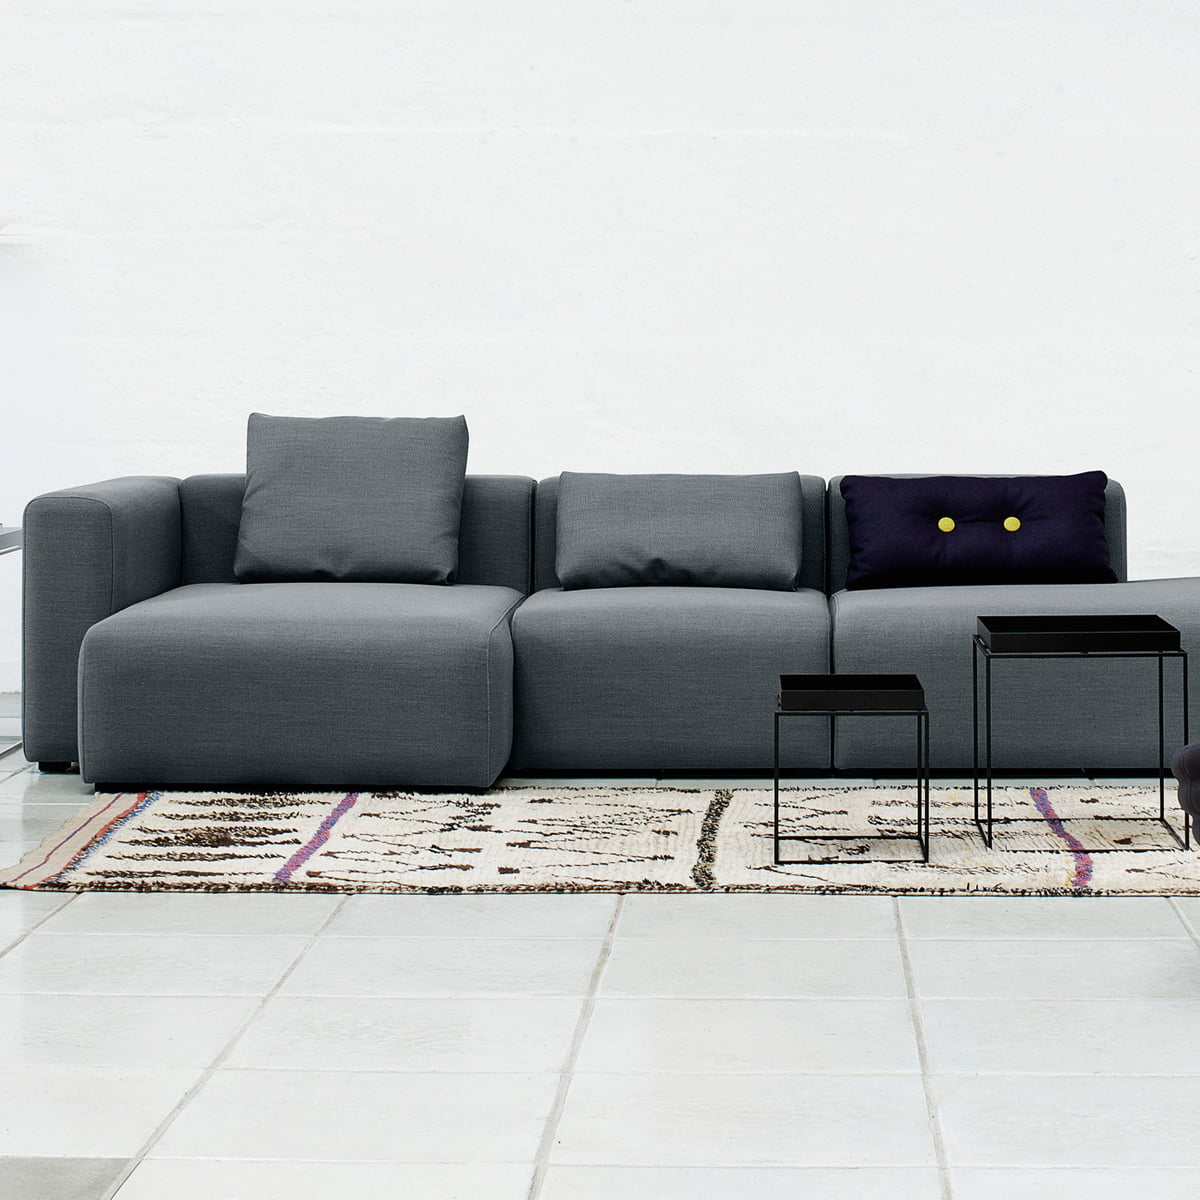 hay sofa mags leder go fabric recliner corner 2 5 sitzer shop